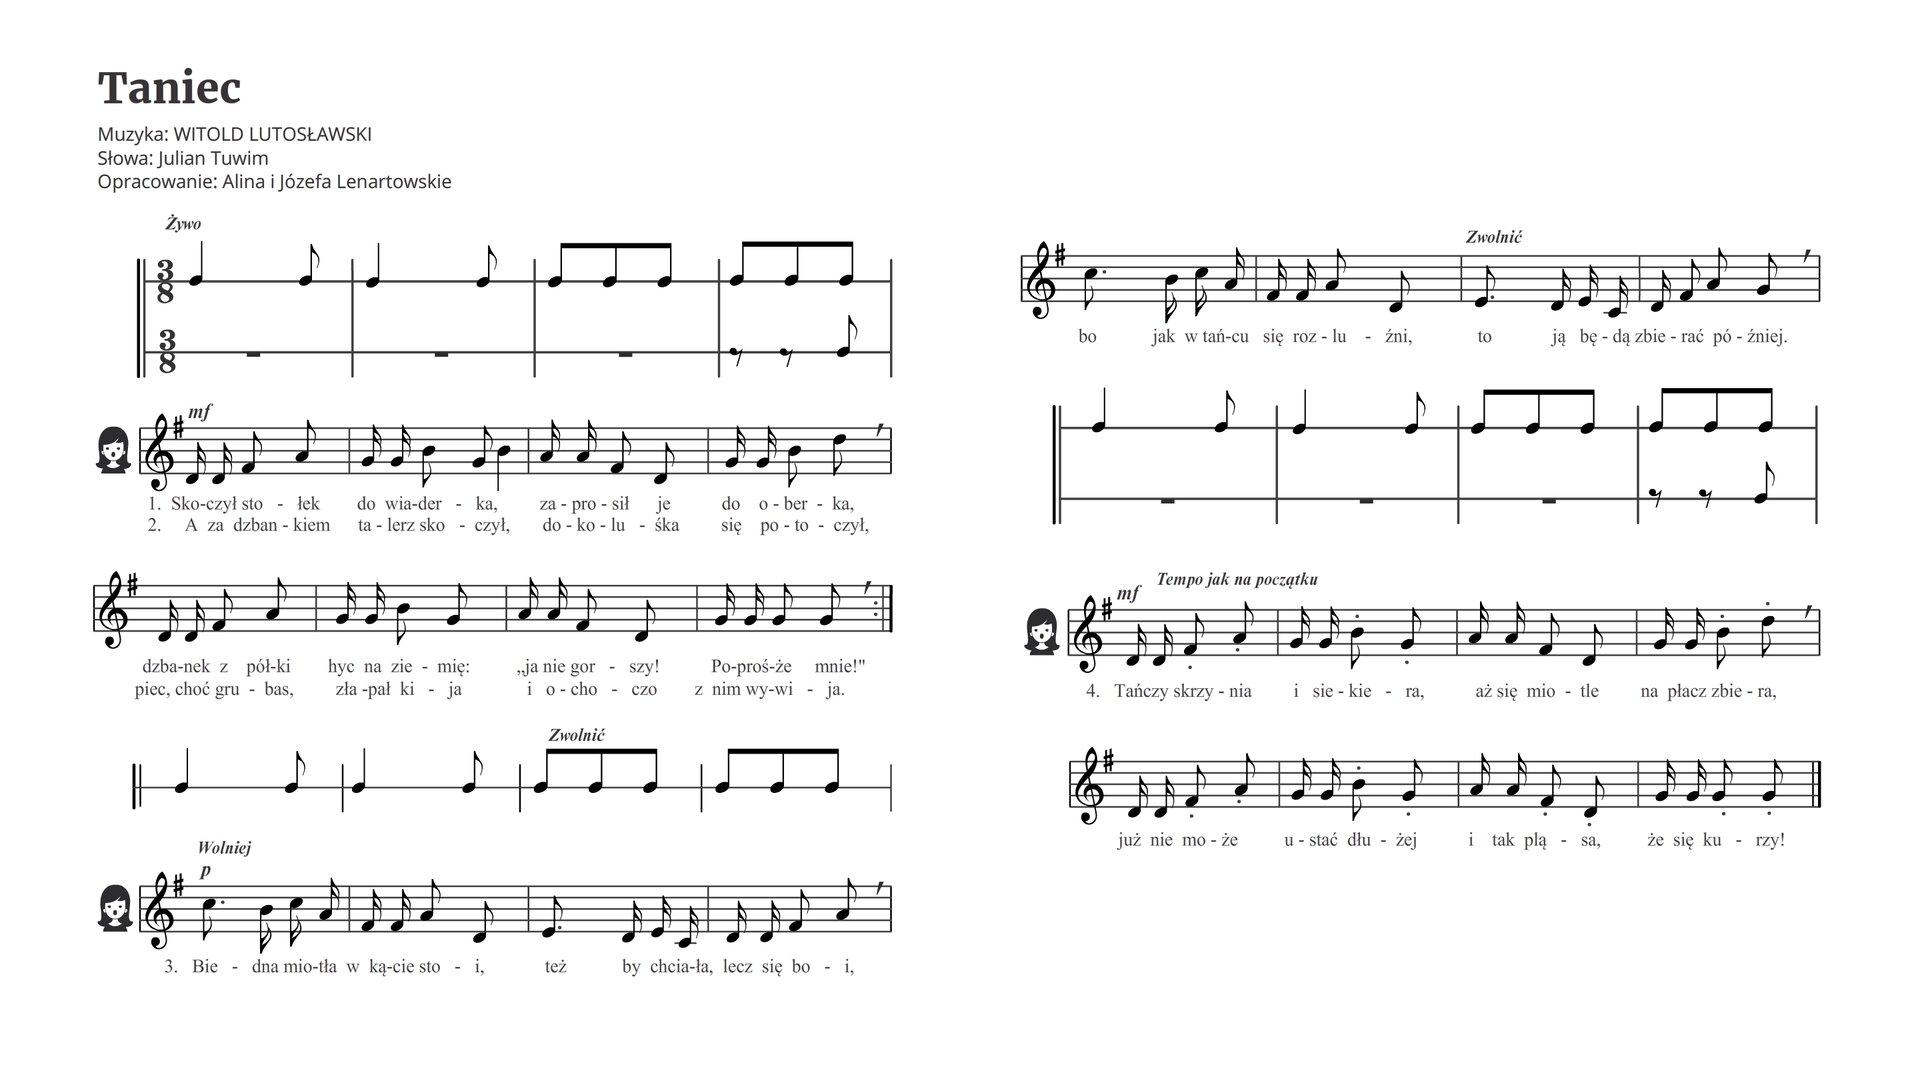 """Zapis nutowy utworu """"Taniec"""" Witolda Lutosławskiego. Wpierwszej linijce rytmiczny wstęp: ćwierćnuta ósemka, ćwierćnuta ósemka, 6 ósemek. Później zapis nutowy pierwszej idrugiej zwrotki. Później powtórzenie rytmicznego wstępu. Następnie zapis nutowy trzeciej zwrotki, który znacząco różni się od pierwszych zwrotek. Potem rytmiczna przygrywka womówionym już rytmie izapis czwartej zwrotki, identyczny jak zwrotek pierwszej idrugiej."""